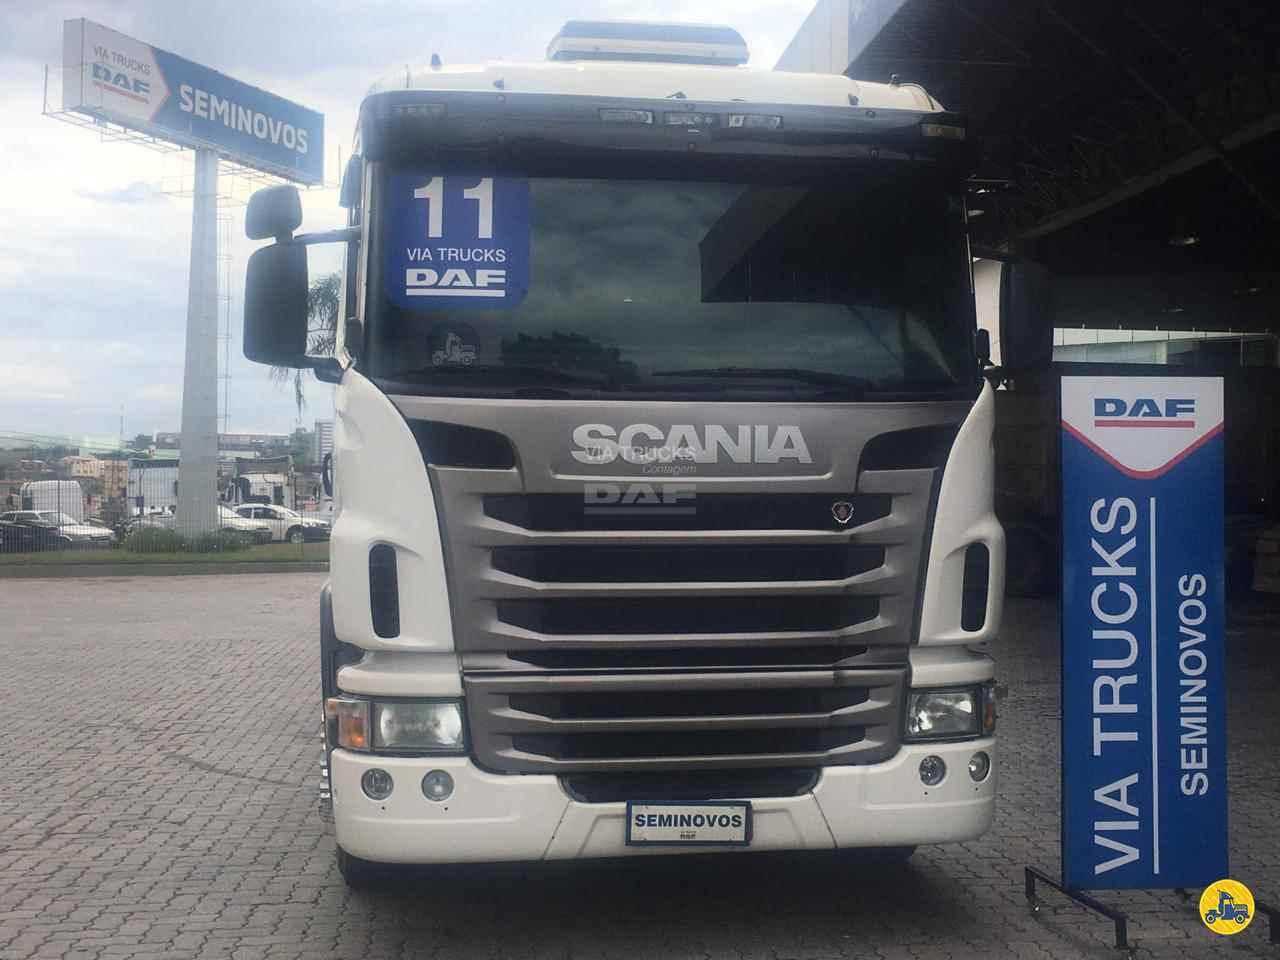 CAMINHAO SCANIA SCANIA 420 Chassis Traçado 6x4 Via Trucks - DAF CONTAGEM MINAS GERAIS MG